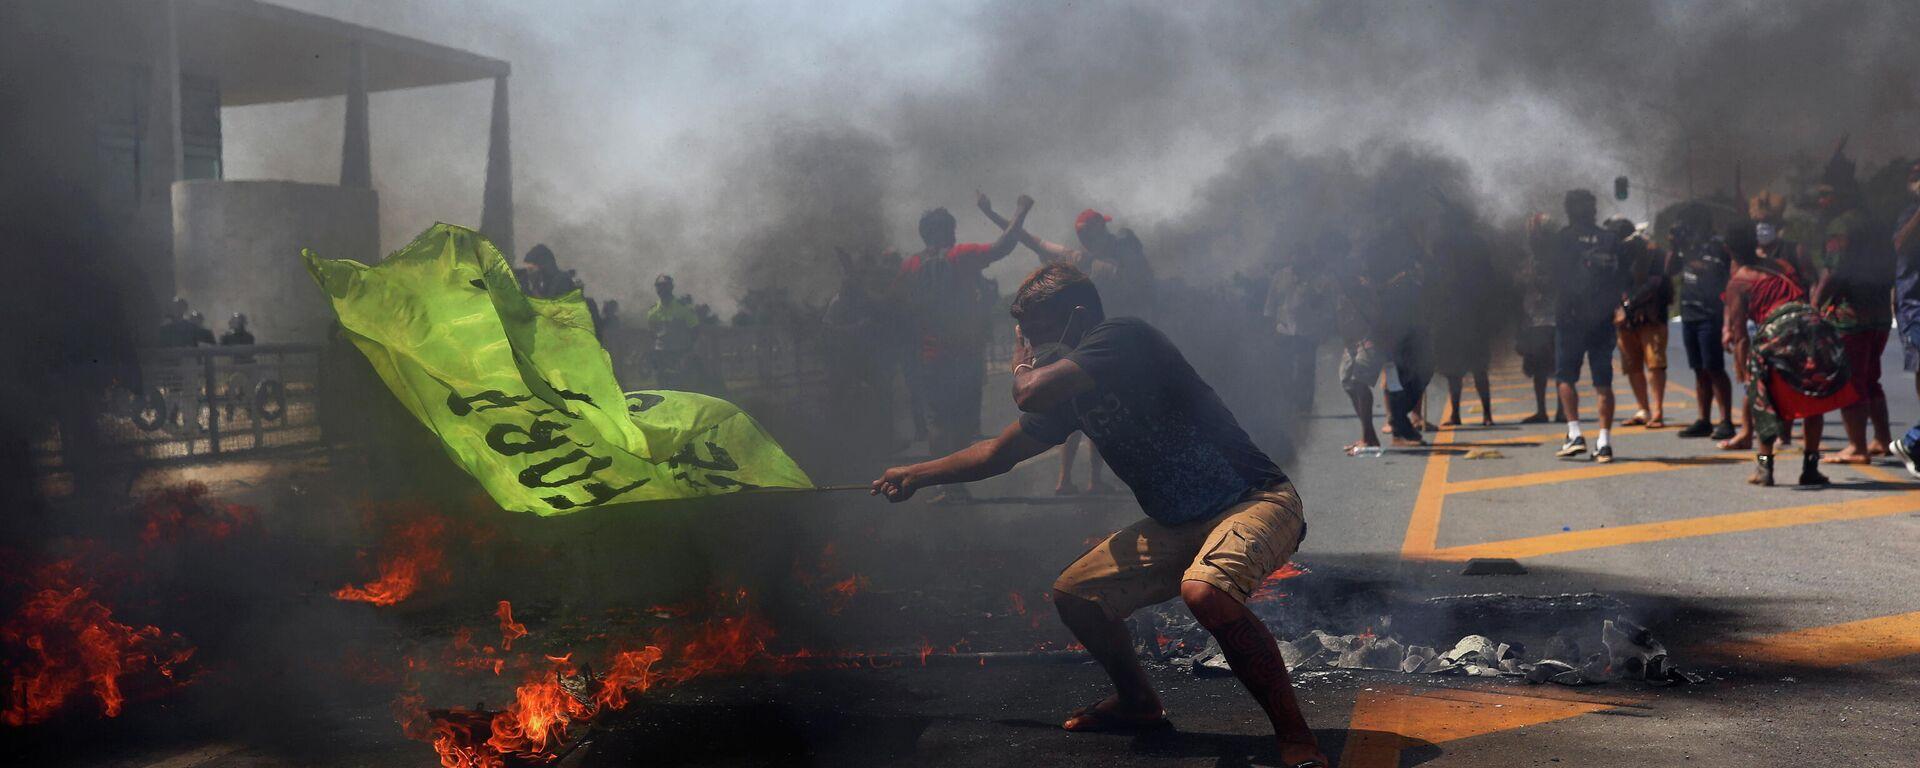 Protestas en Brasilia, Brasil - Sputnik Mundo, 1920, 27.08.2021